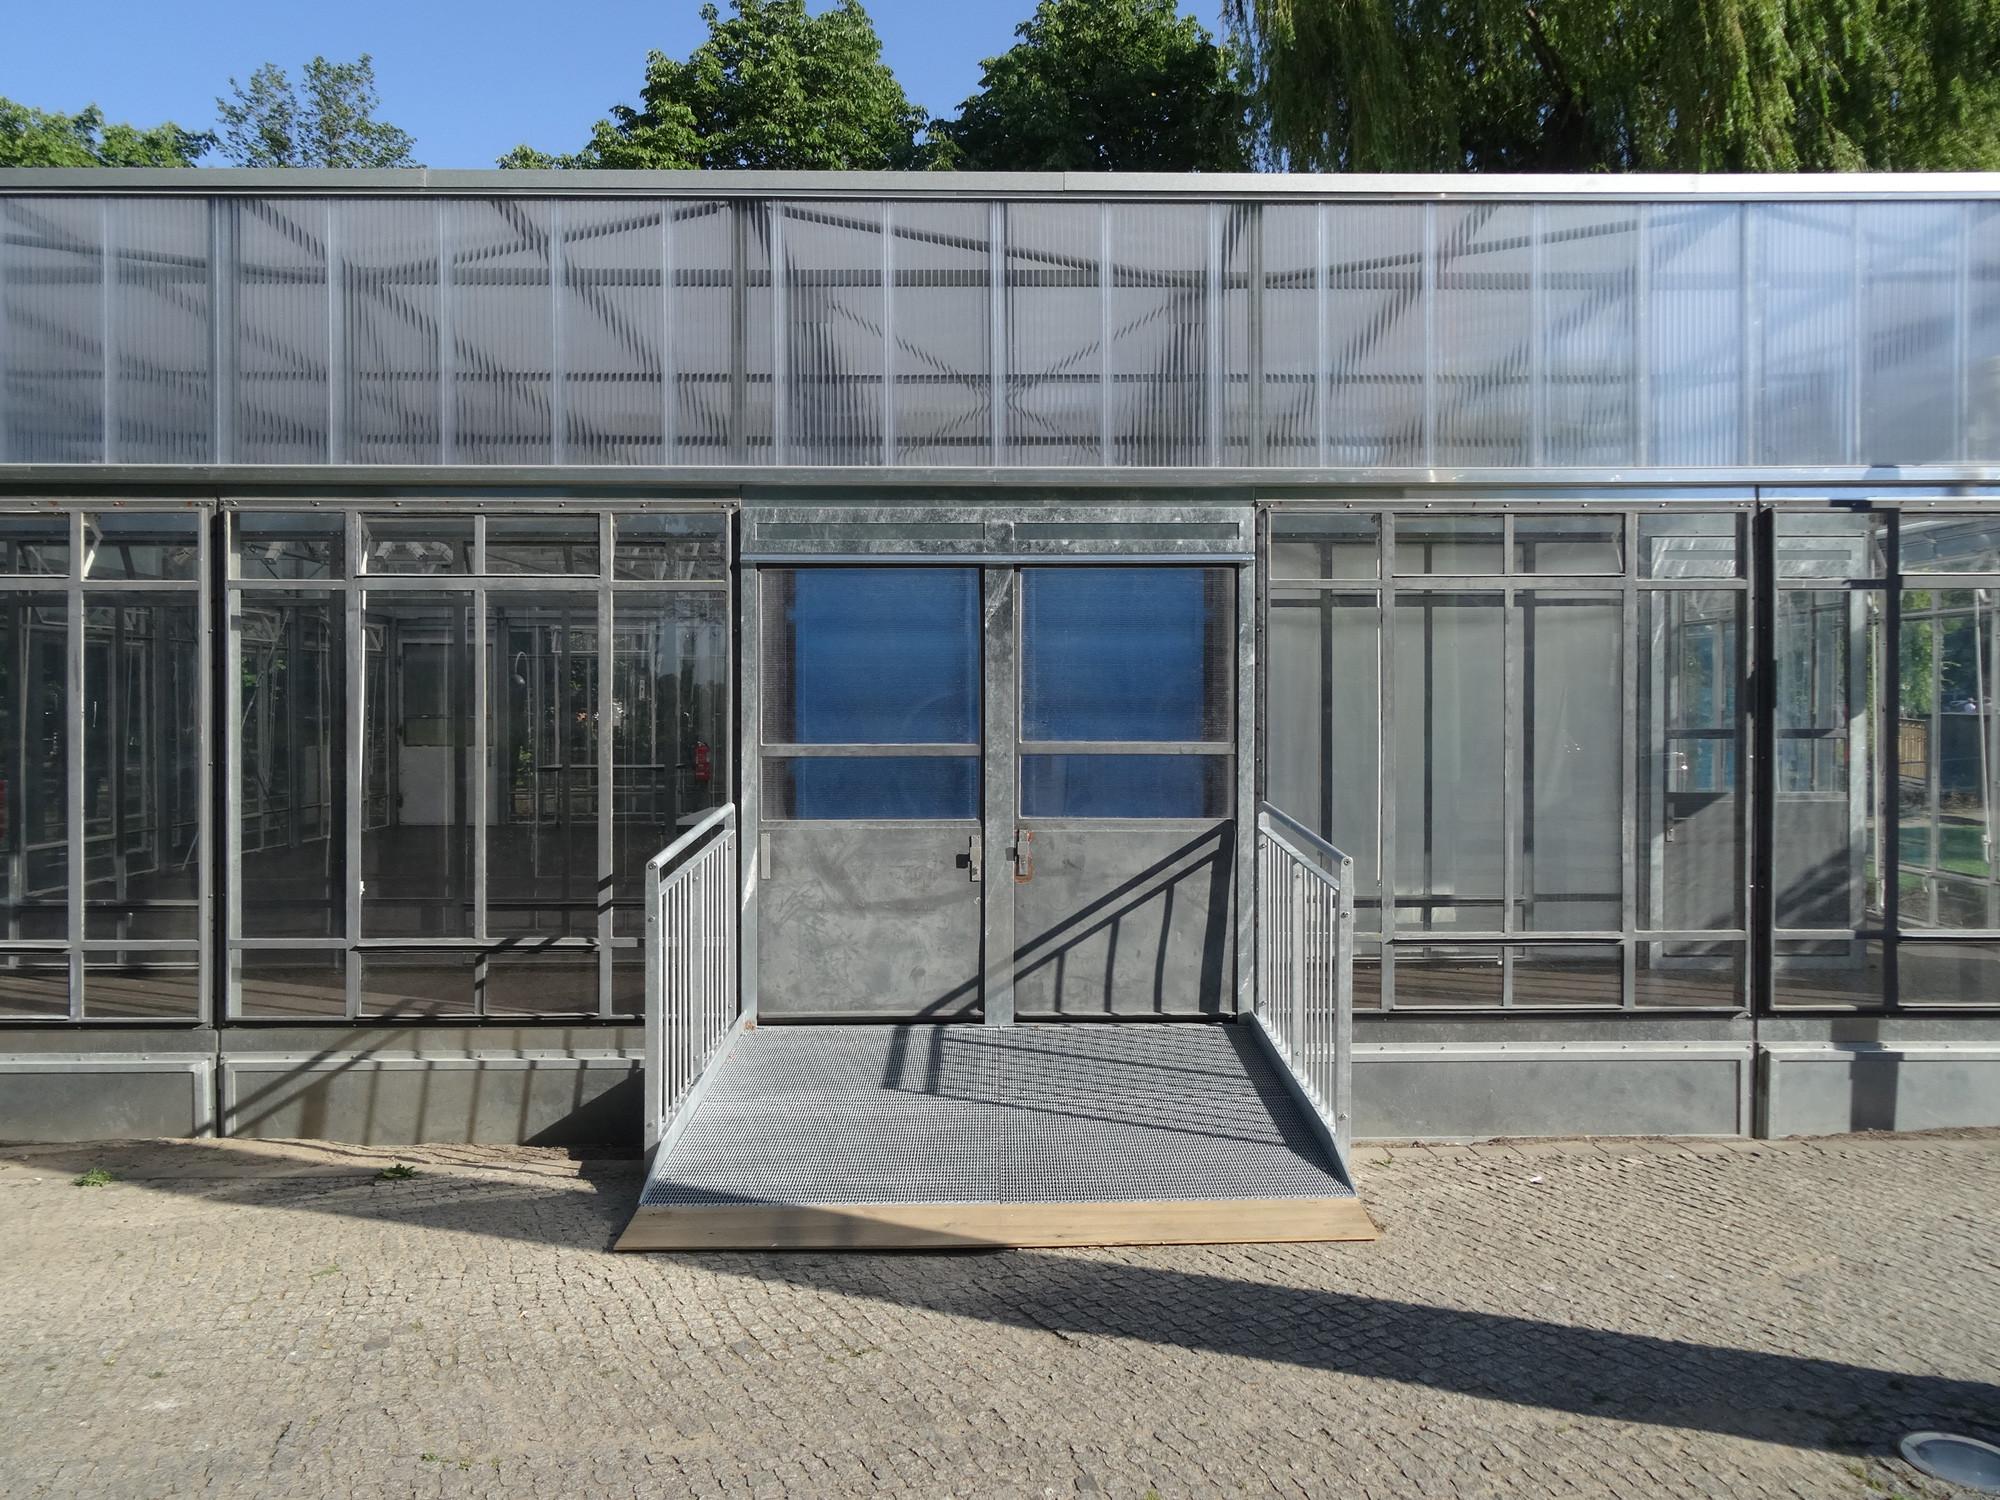 Full Size of Bauhaus Statische Fensterfolie Fenster Einbauen Kosten Fensterbank Zuschnitt Fensterfolien Fensterdichtungsband Anleitung Katalog Einbau Fensterdichtung Fenster Bauhaus Fenster